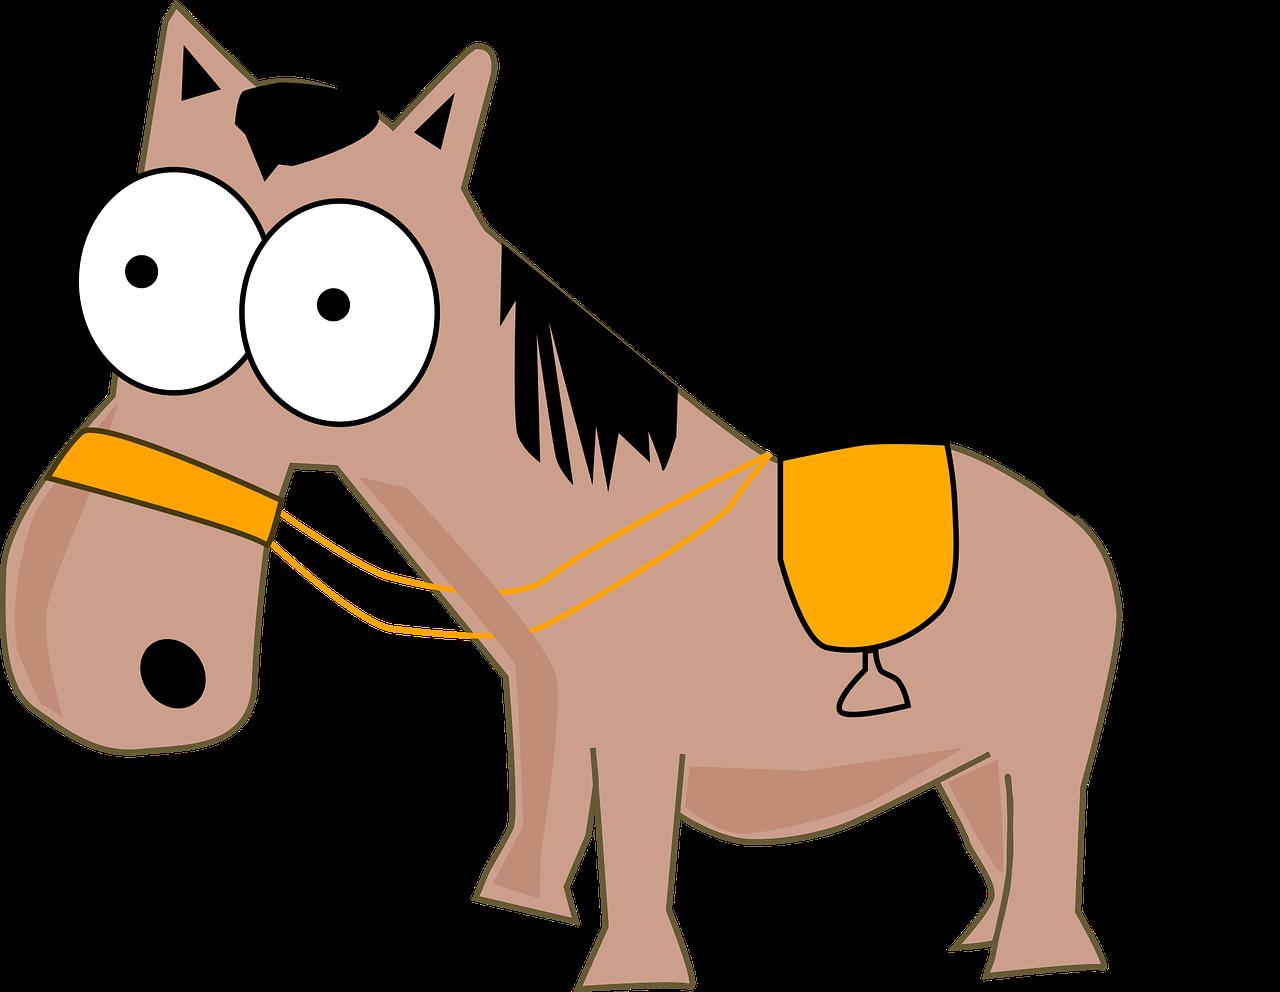 Открытки, картинки смешных лошадей нарисованные